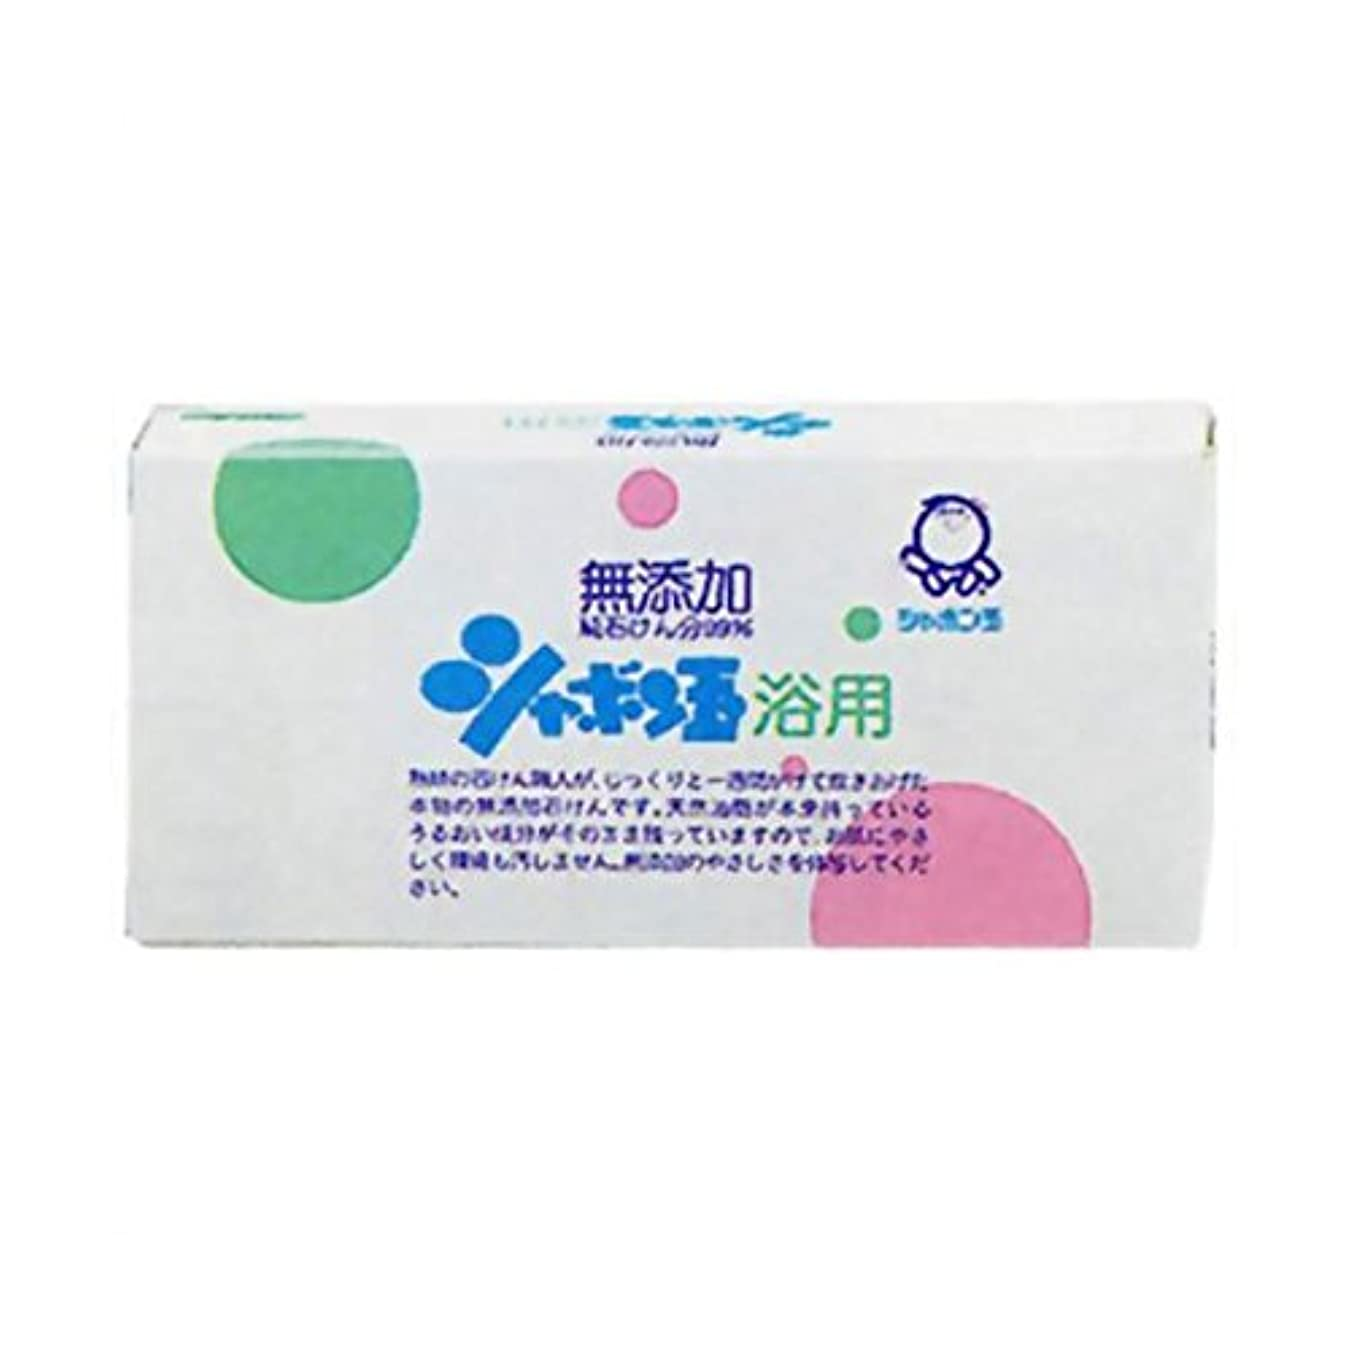 私達ゼリーもの【お徳用 15 セット】 シャボン玉 浴用 石けん 100g×3個入(無添加石鹸)×15セット